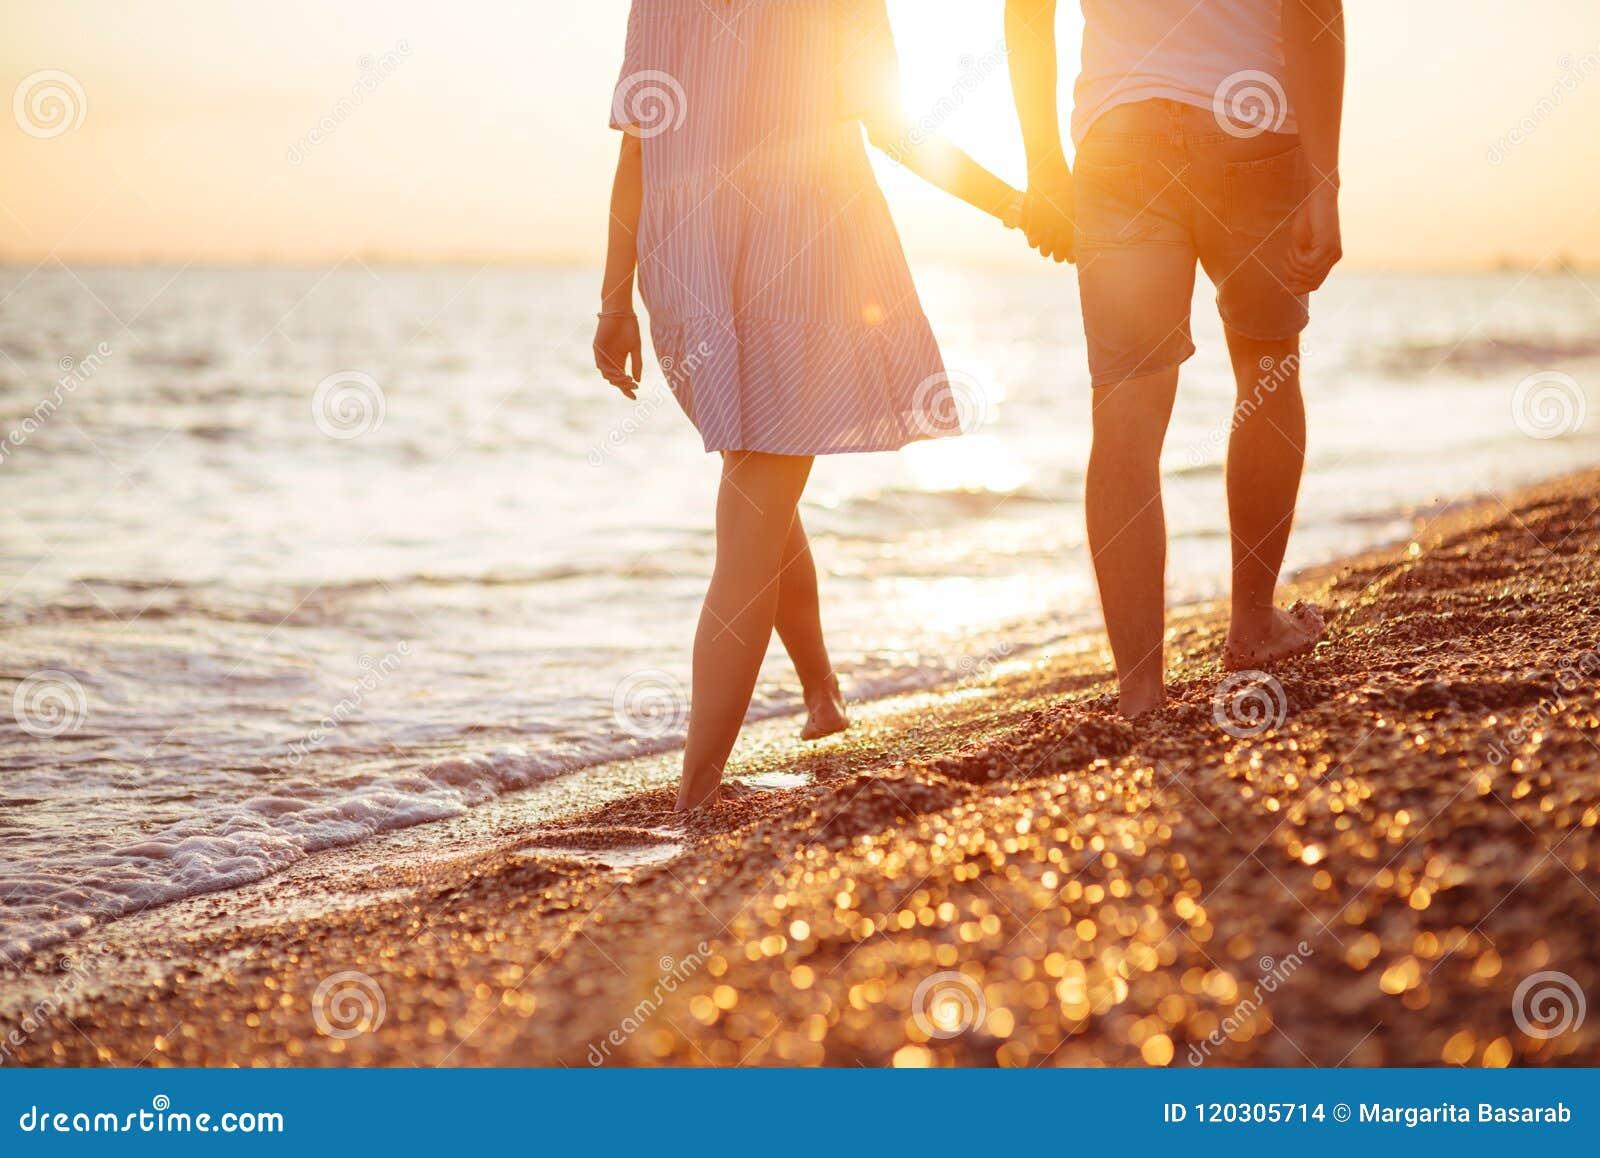 Junges glückliches Paar auf Küste